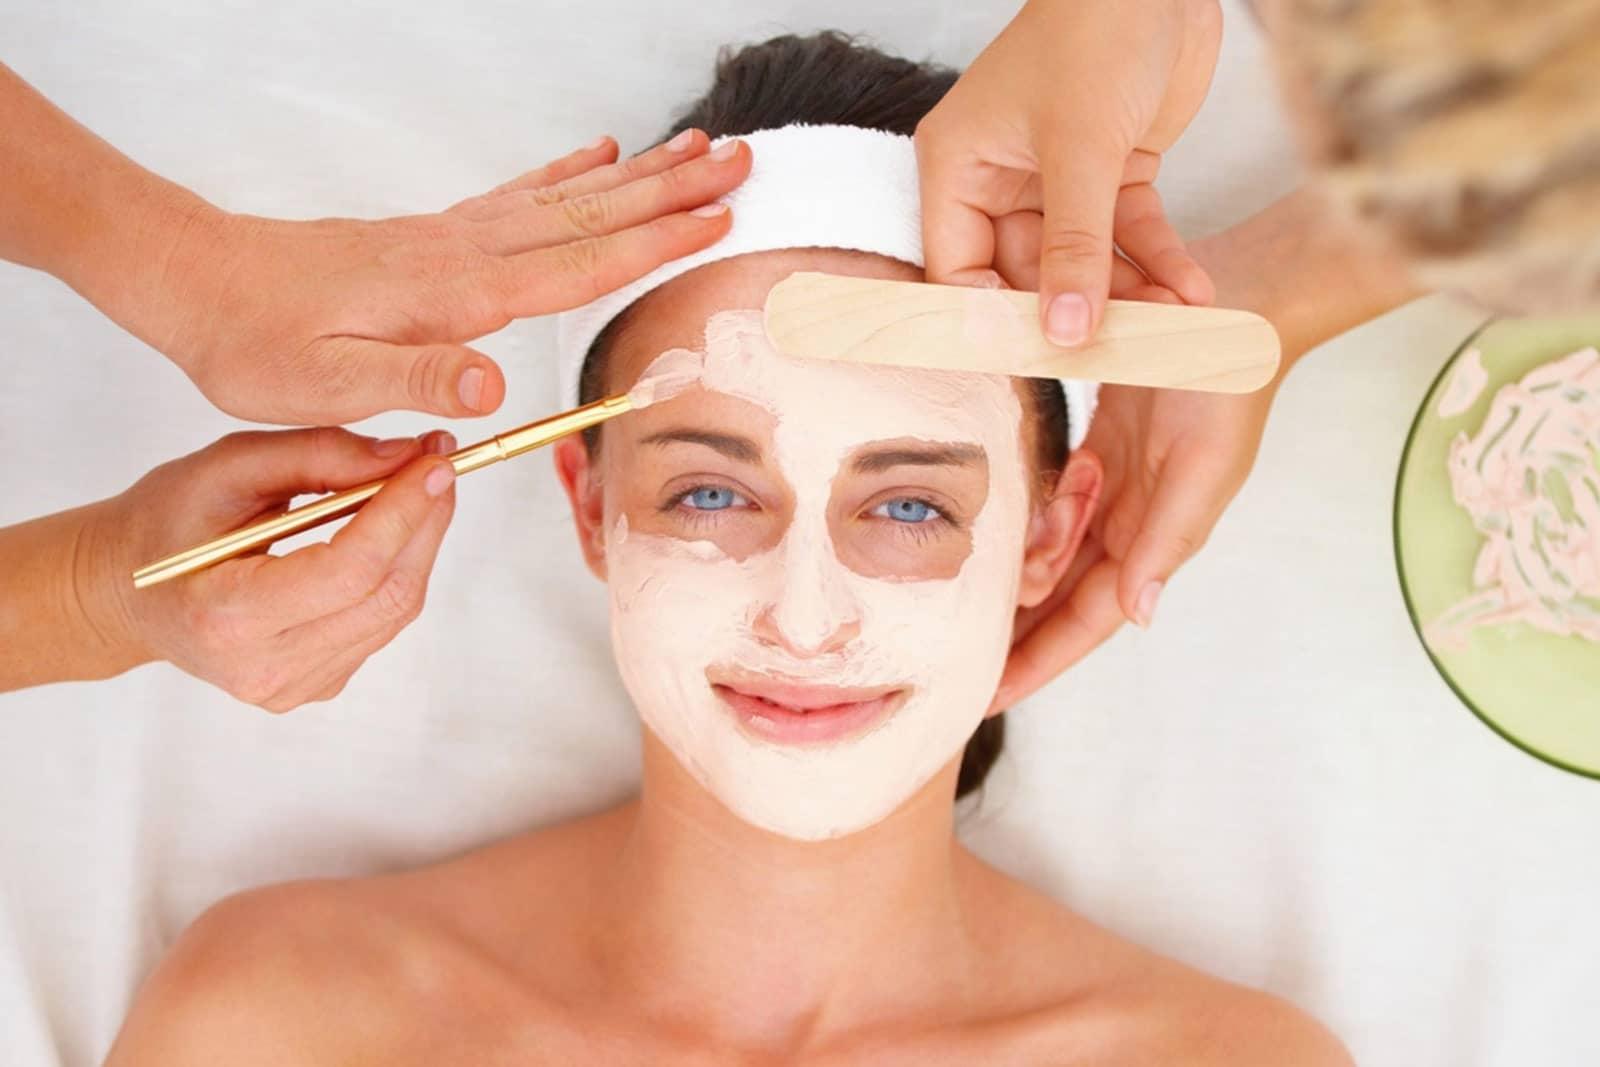 Relaxed girl receiving a facial